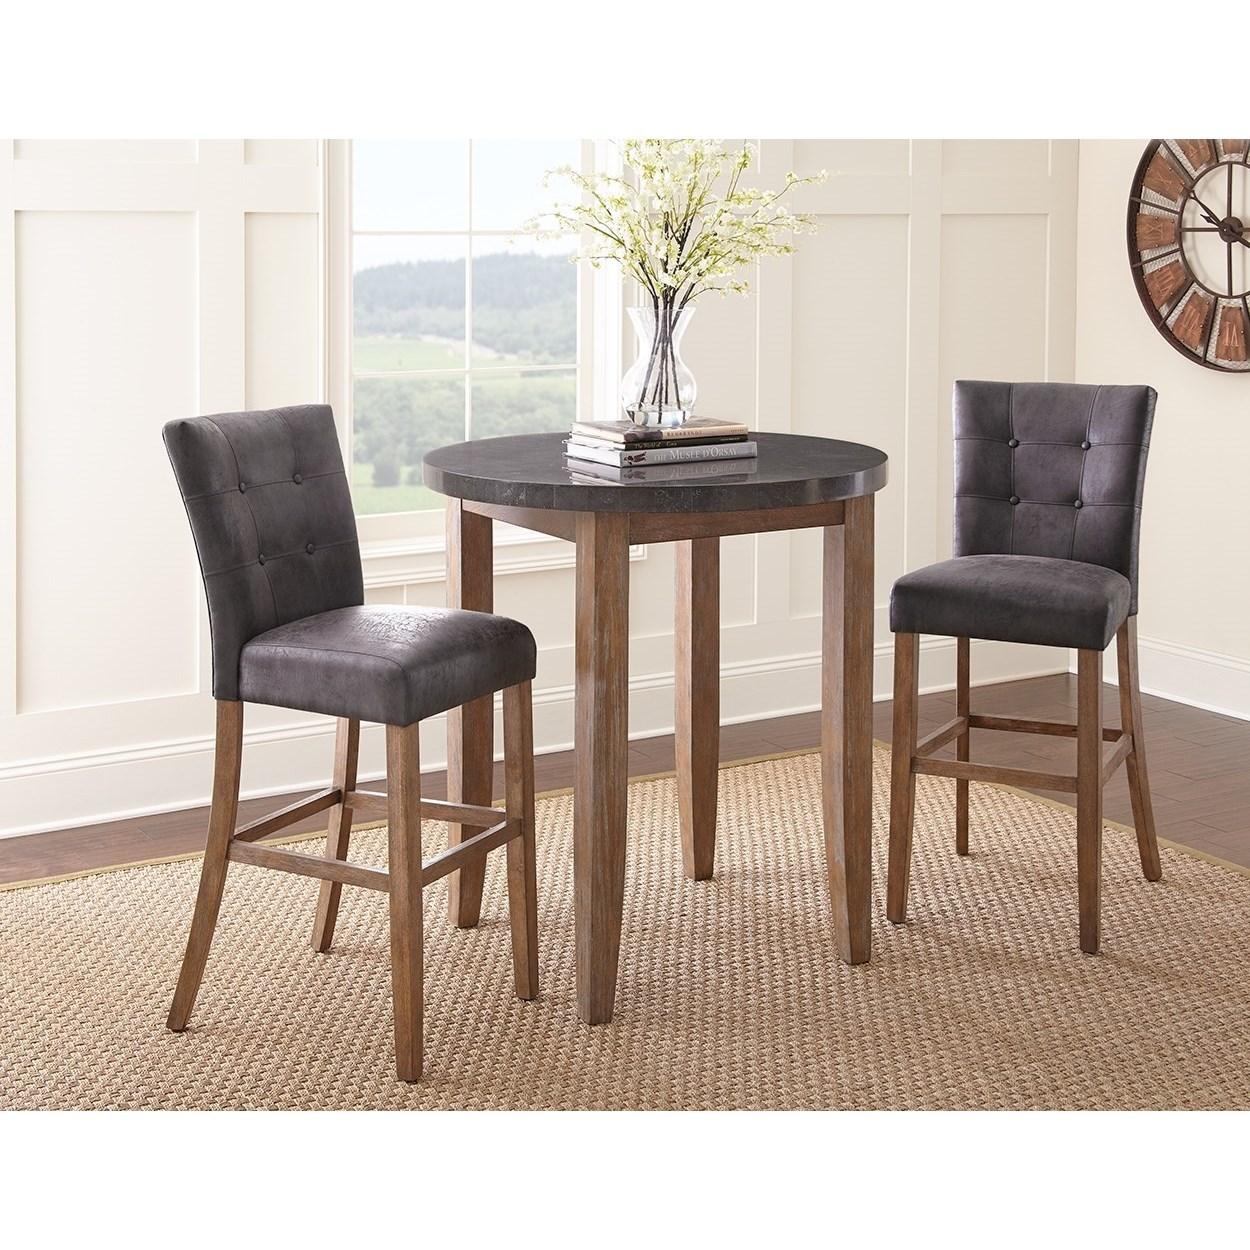 Belfort Essentials Debby Upholstered Bar Chair Belfort